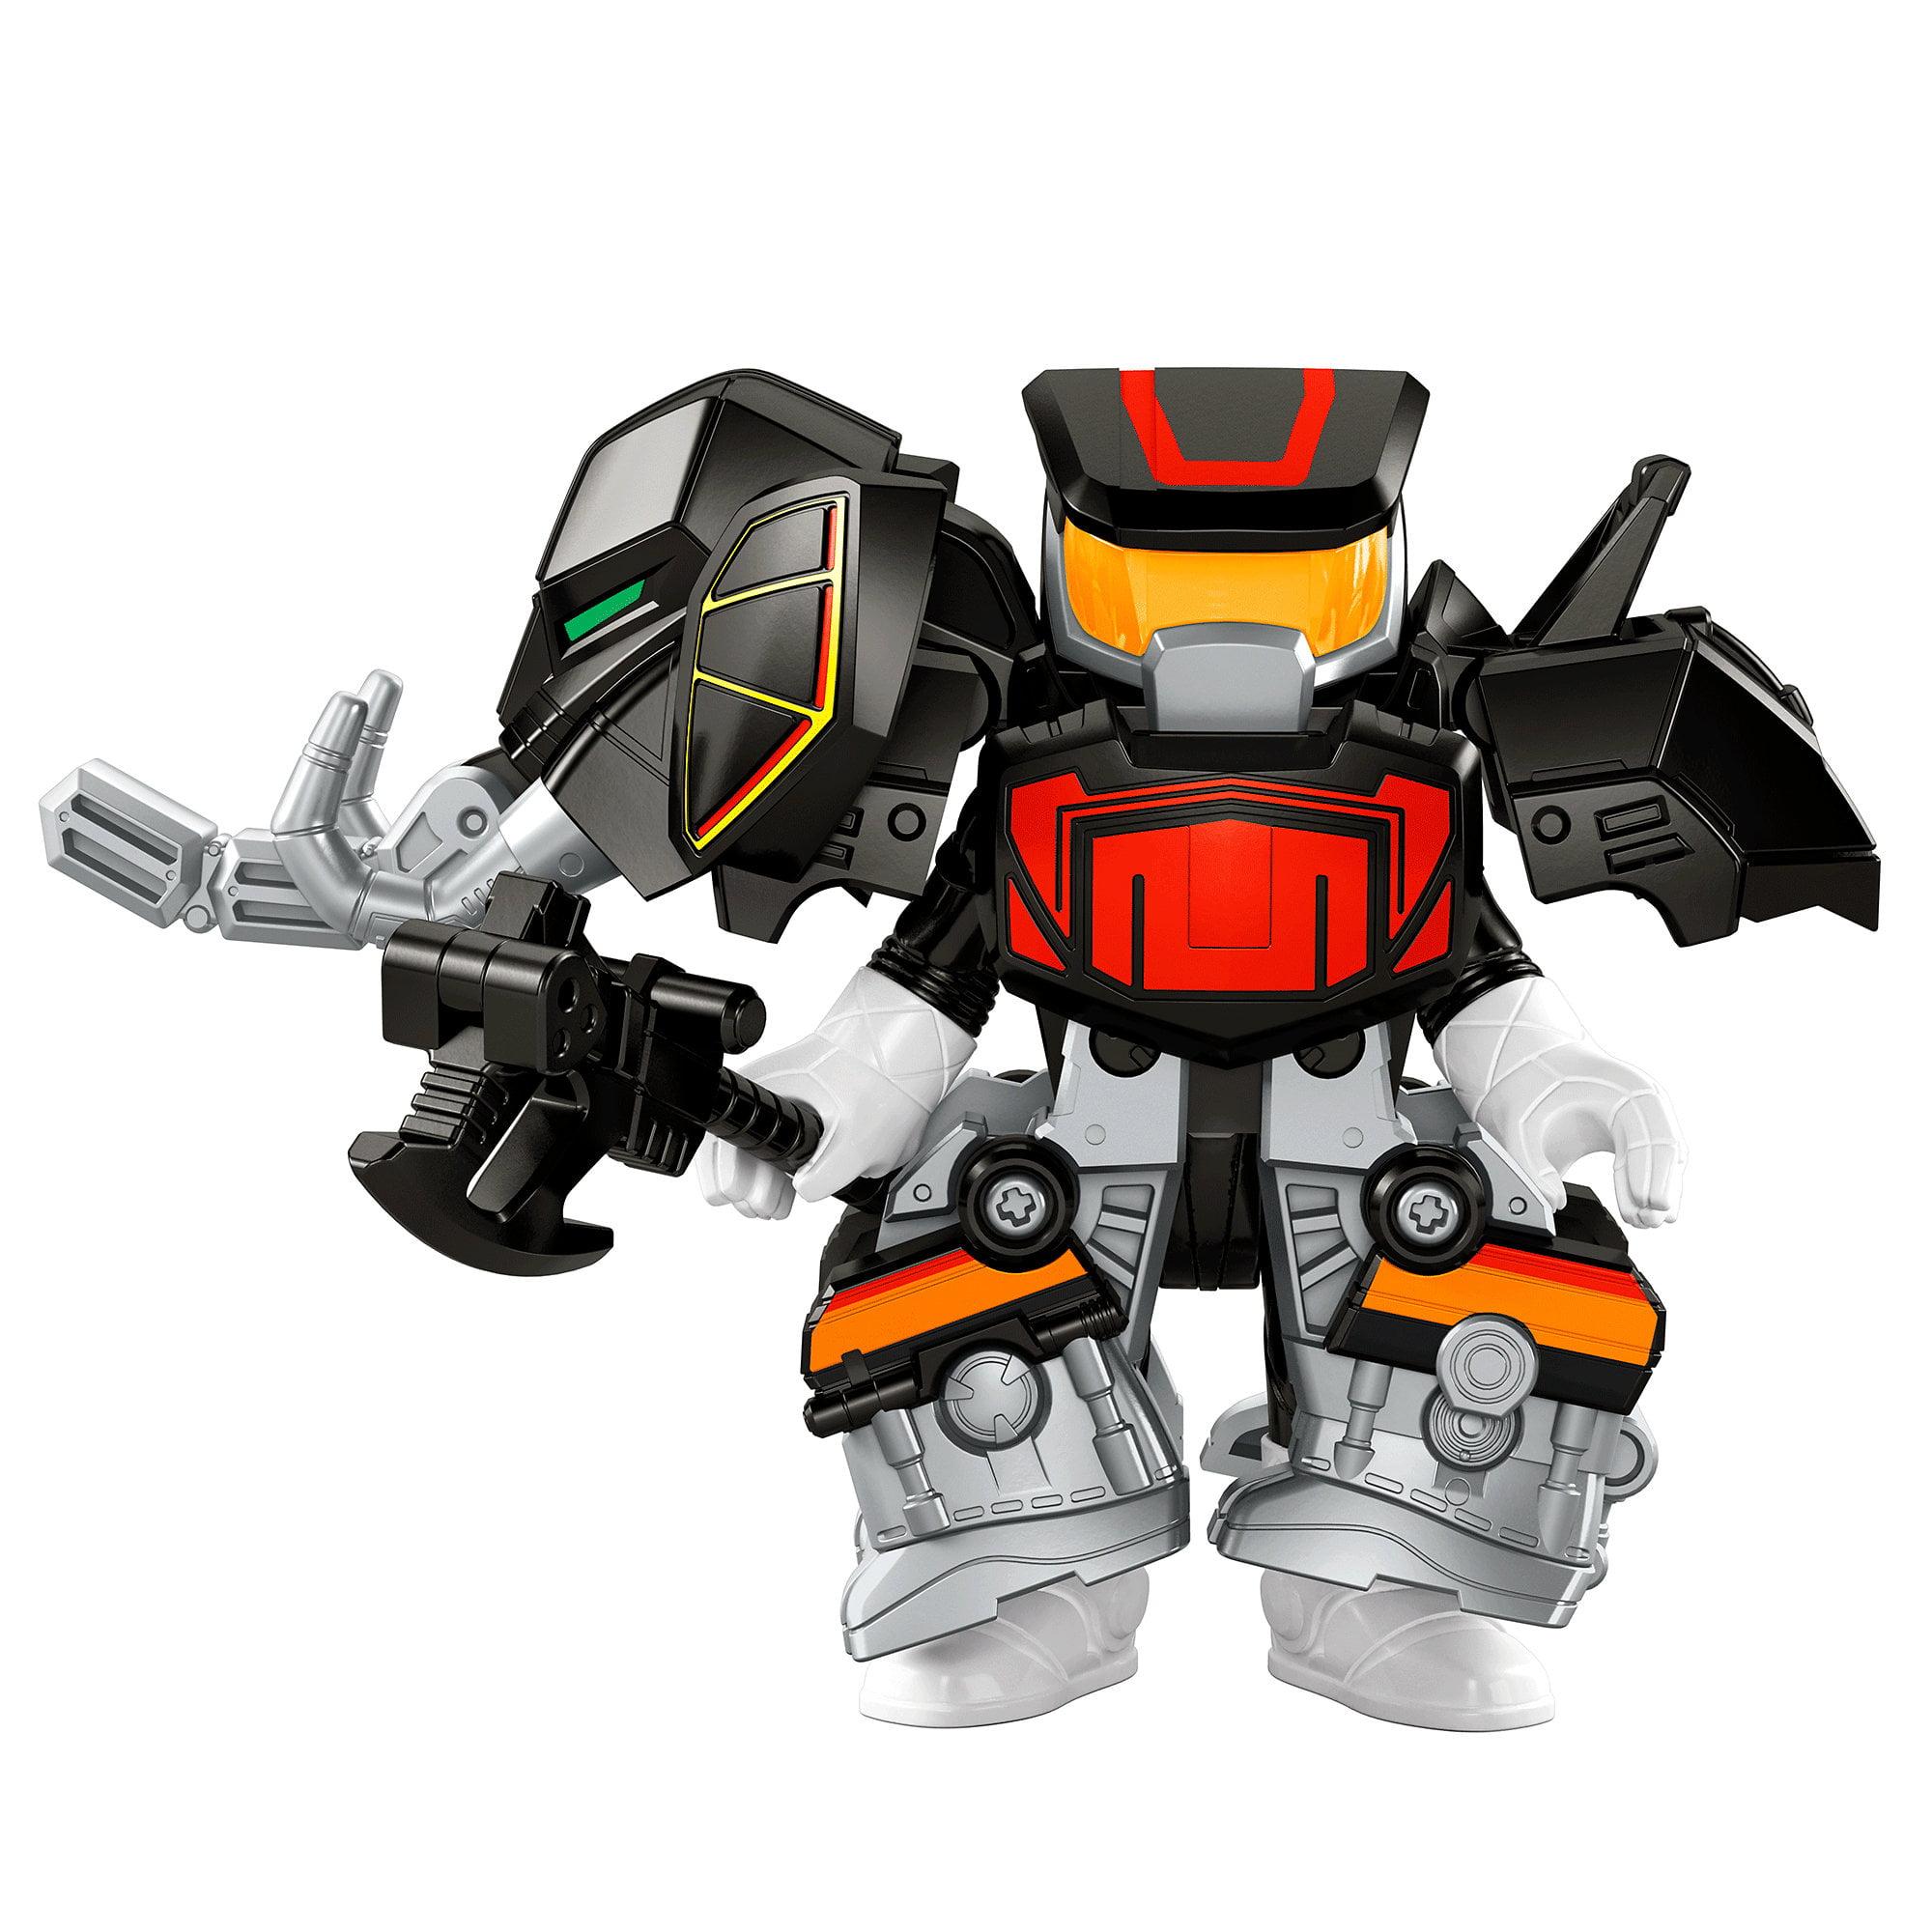 IMaginext Power Rangers Battle Armor Black Ranger by Imaginext